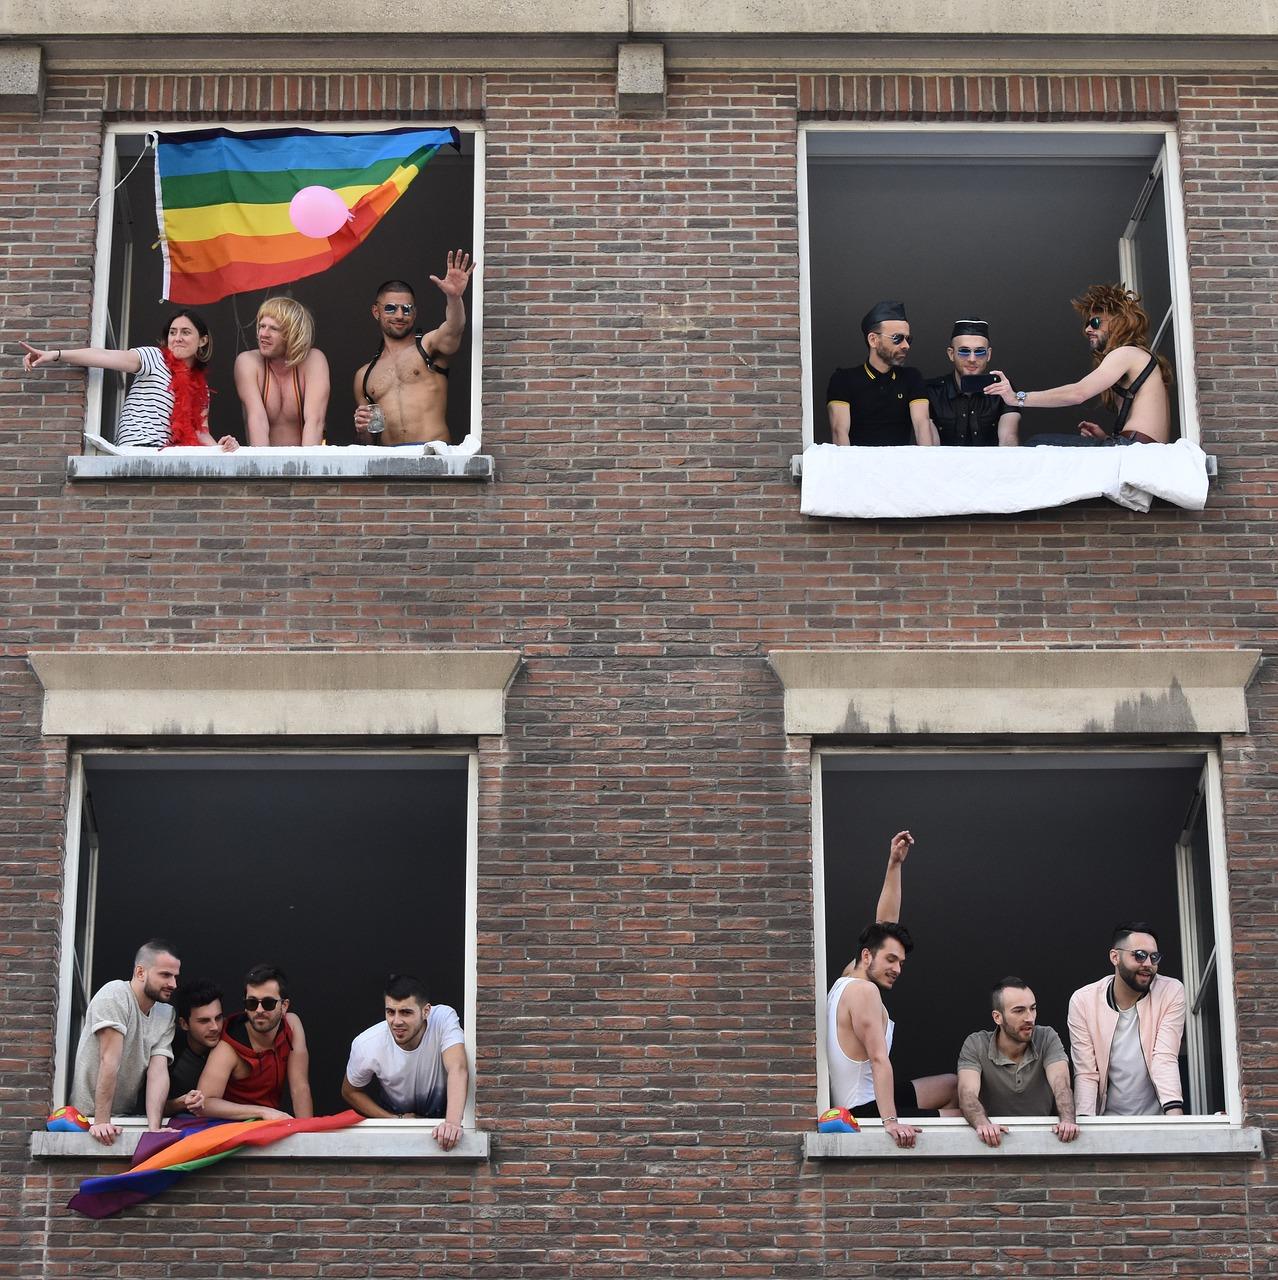 pessoas prédio manifestando orgulho lgbt